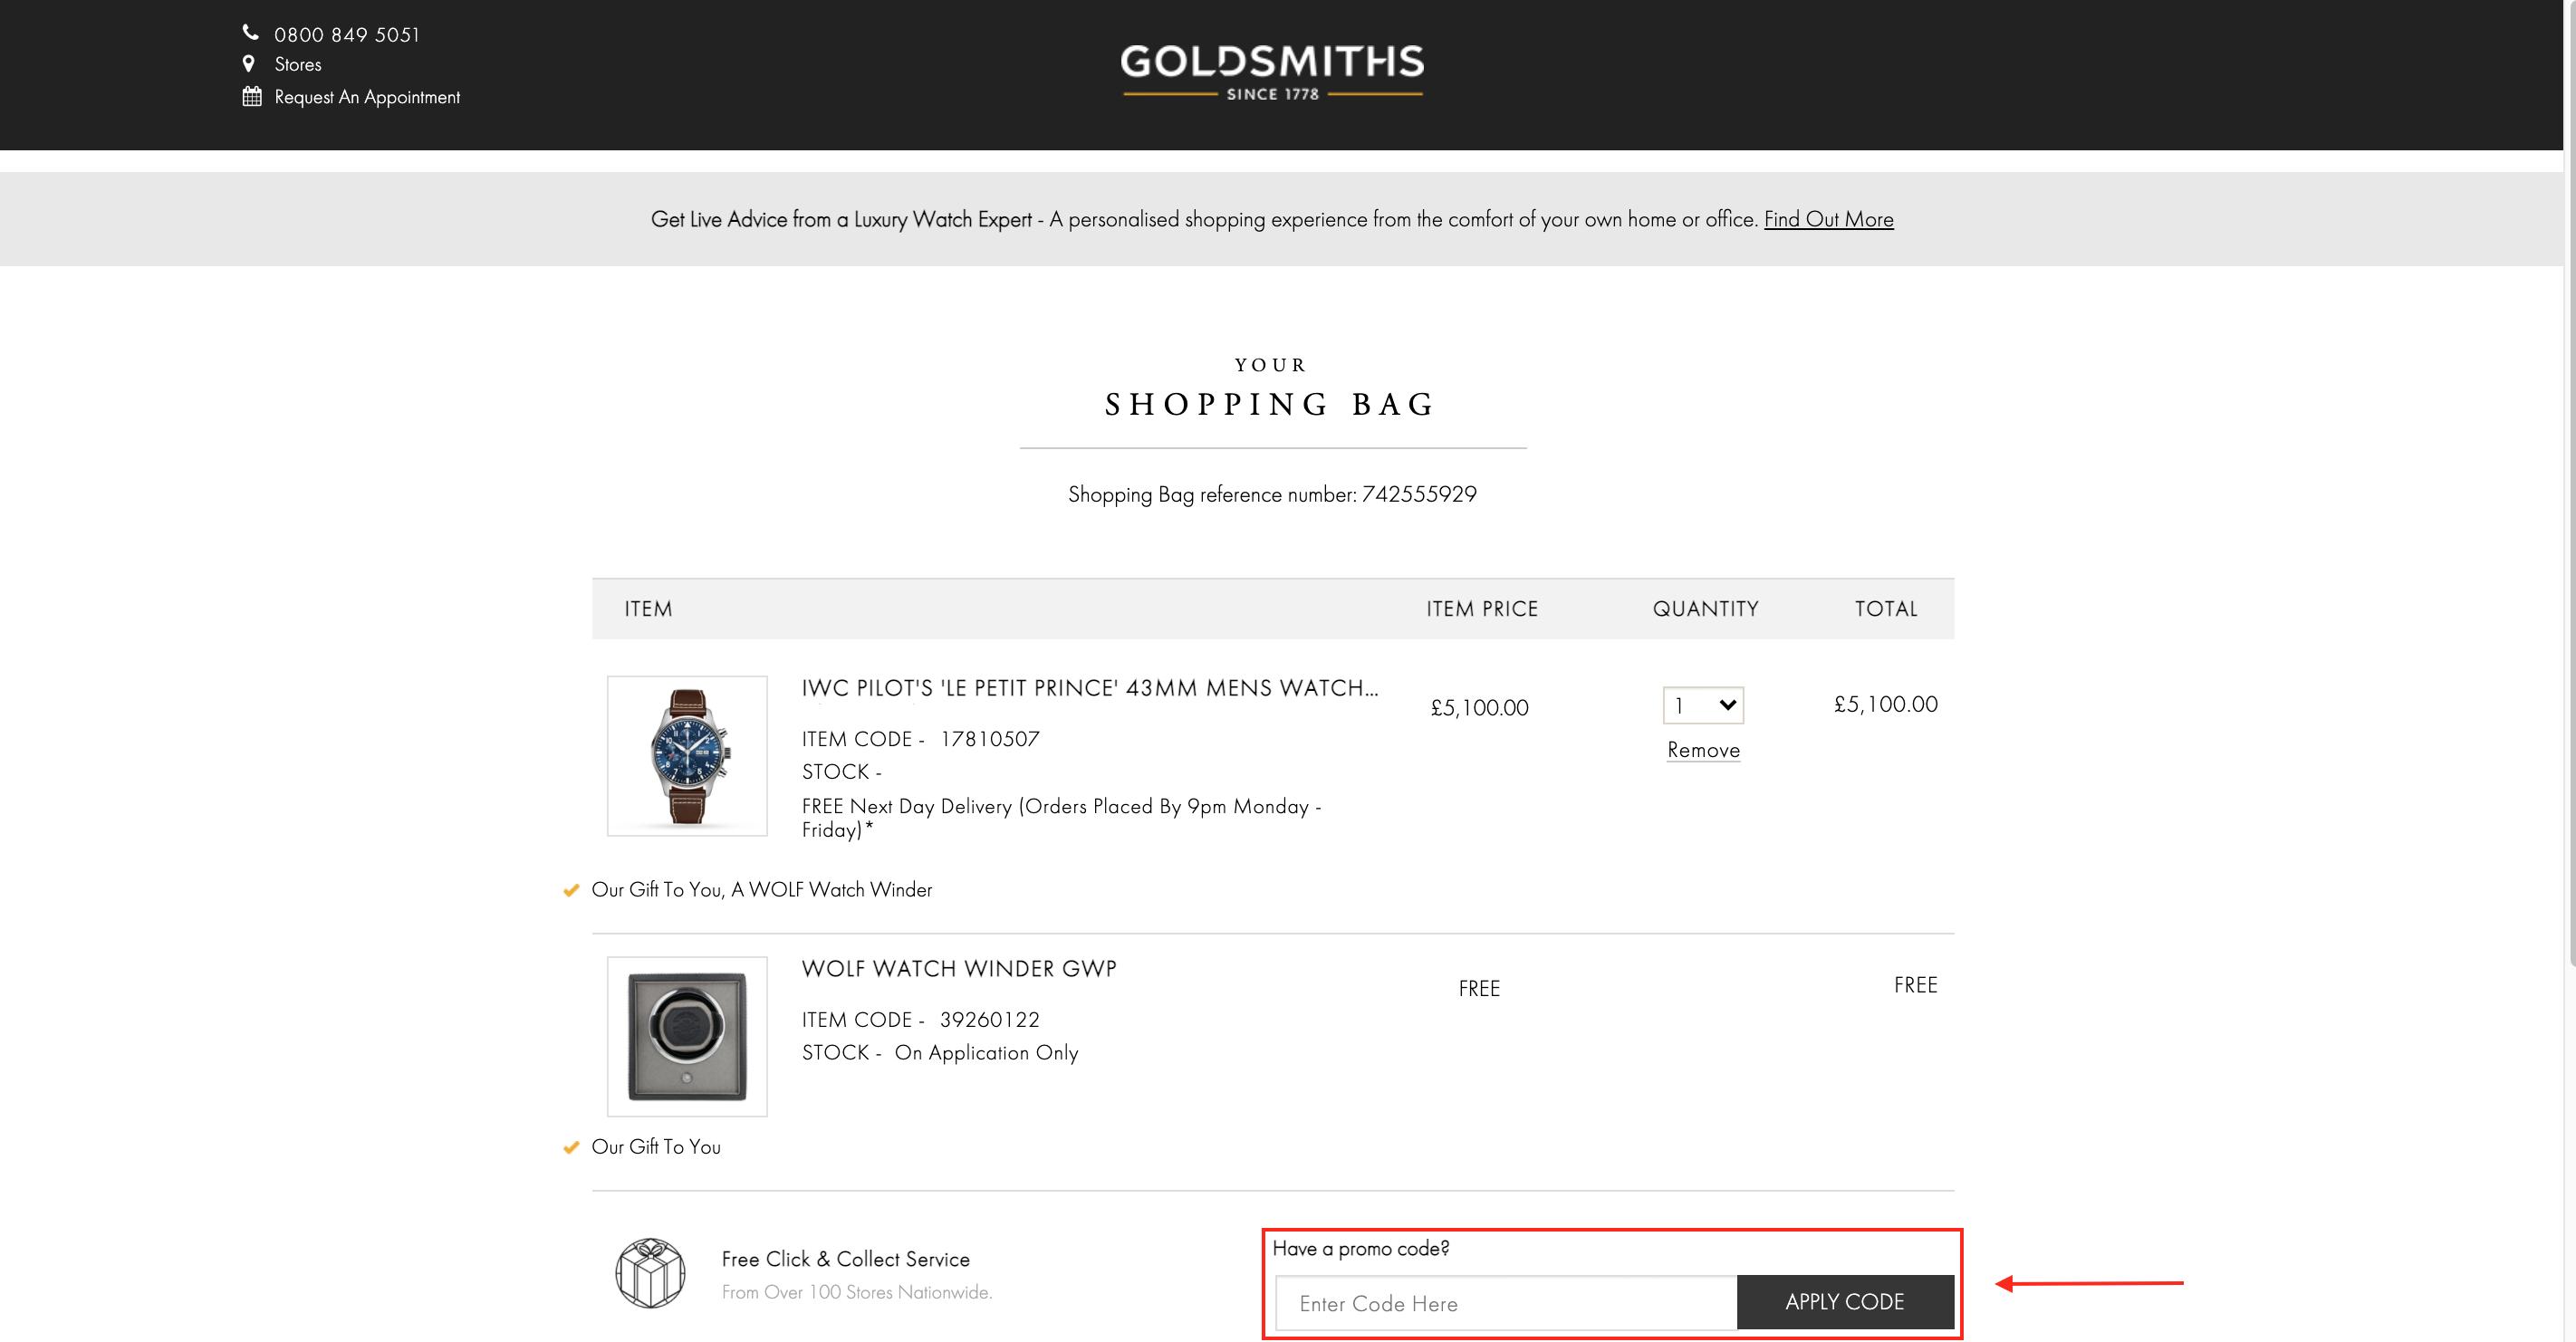 goldsmiths-voucher_redemption-how-to